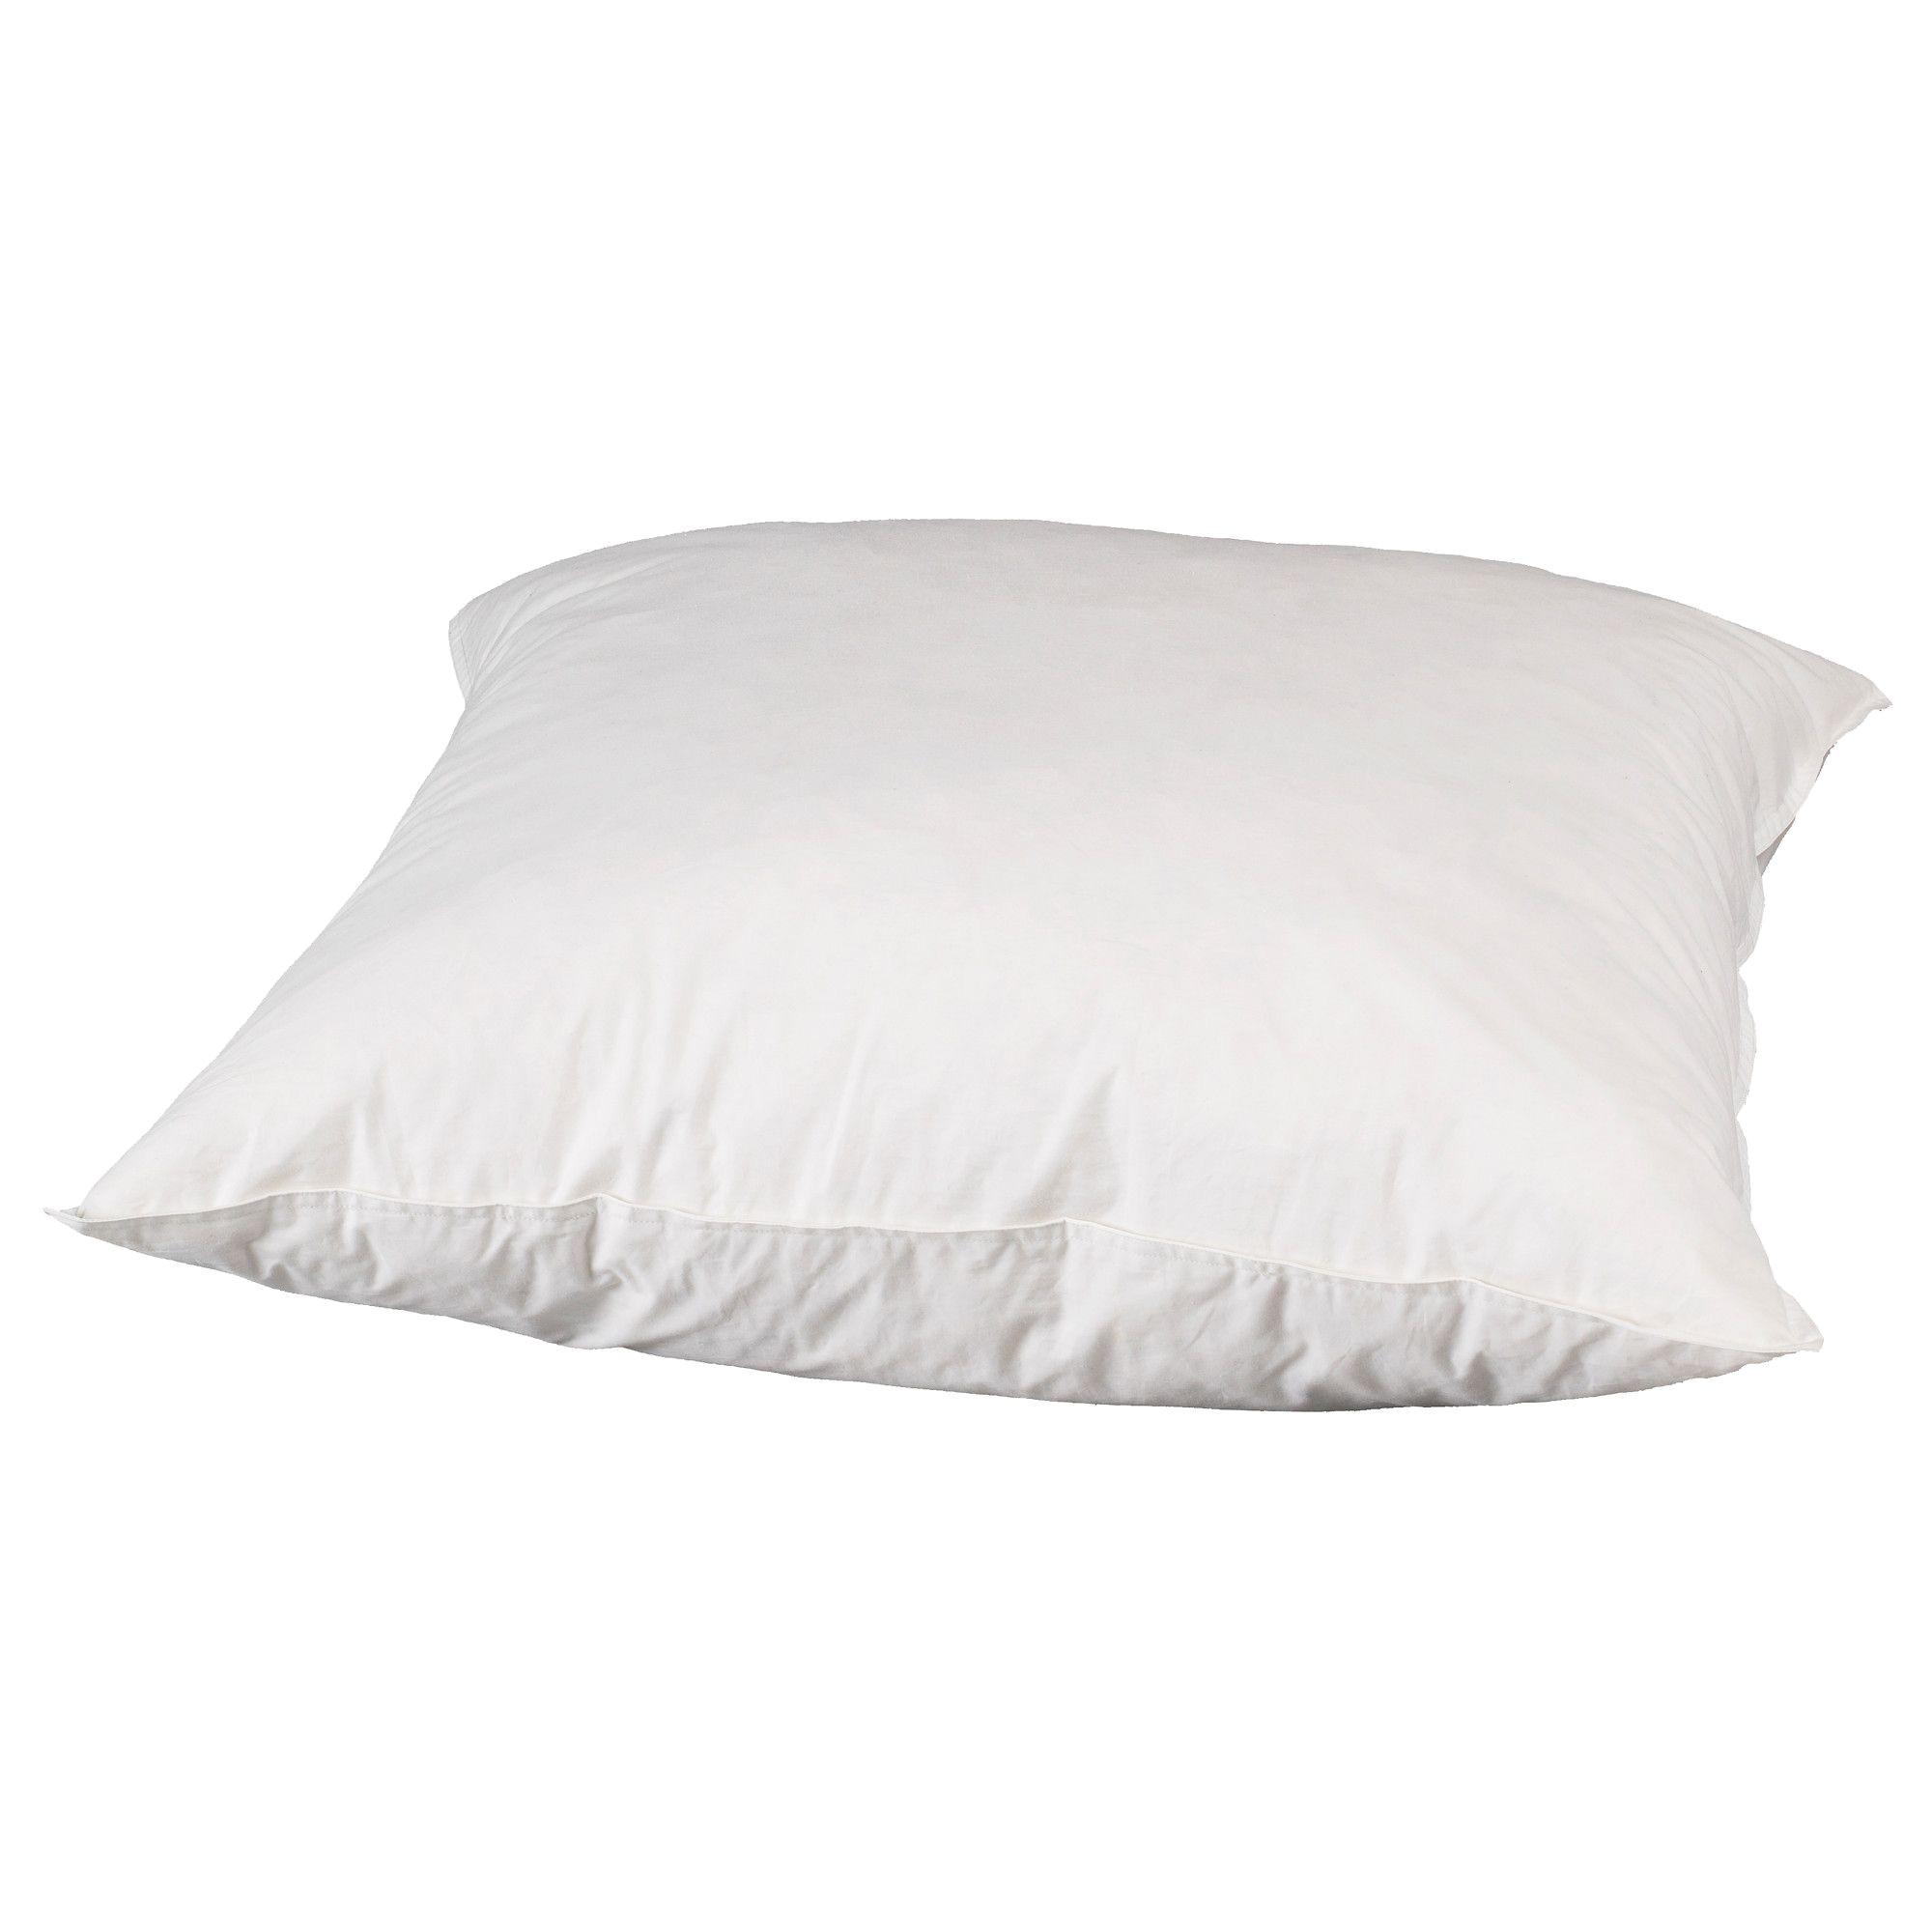 20 X 20 Pillow Insert Ikea Gosa Tulpan Pillow Ikea 26 X 26 Ikea Wishlist Pinterest